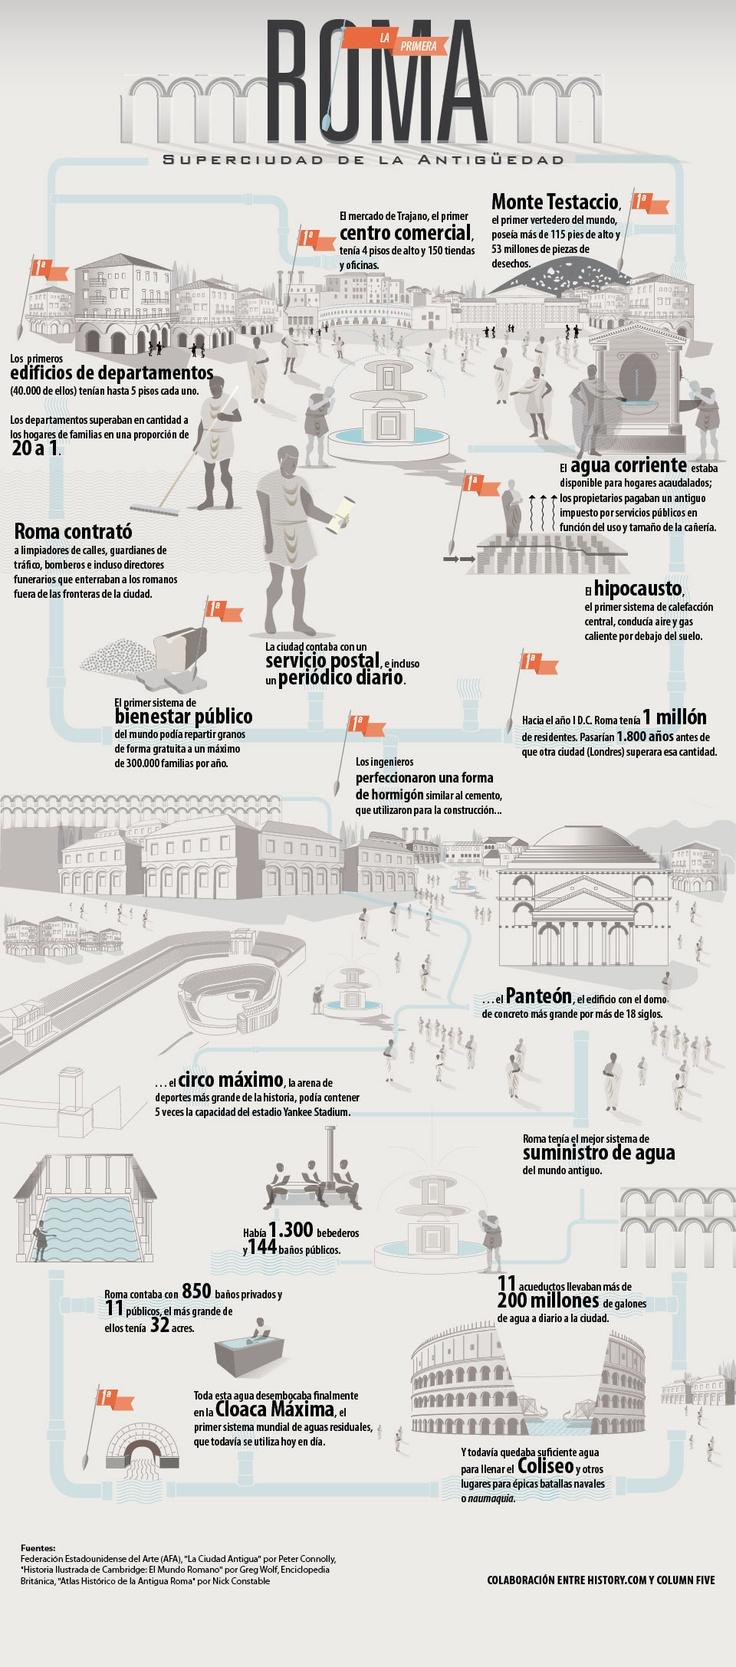 Roma: La Primera Superciudad de la Antiguedad. El Mercado de Trajano, considerado el primer centro comercial del mundo, tenía 4 pisos de alto y albergaba 150 tiendas y oficinas.